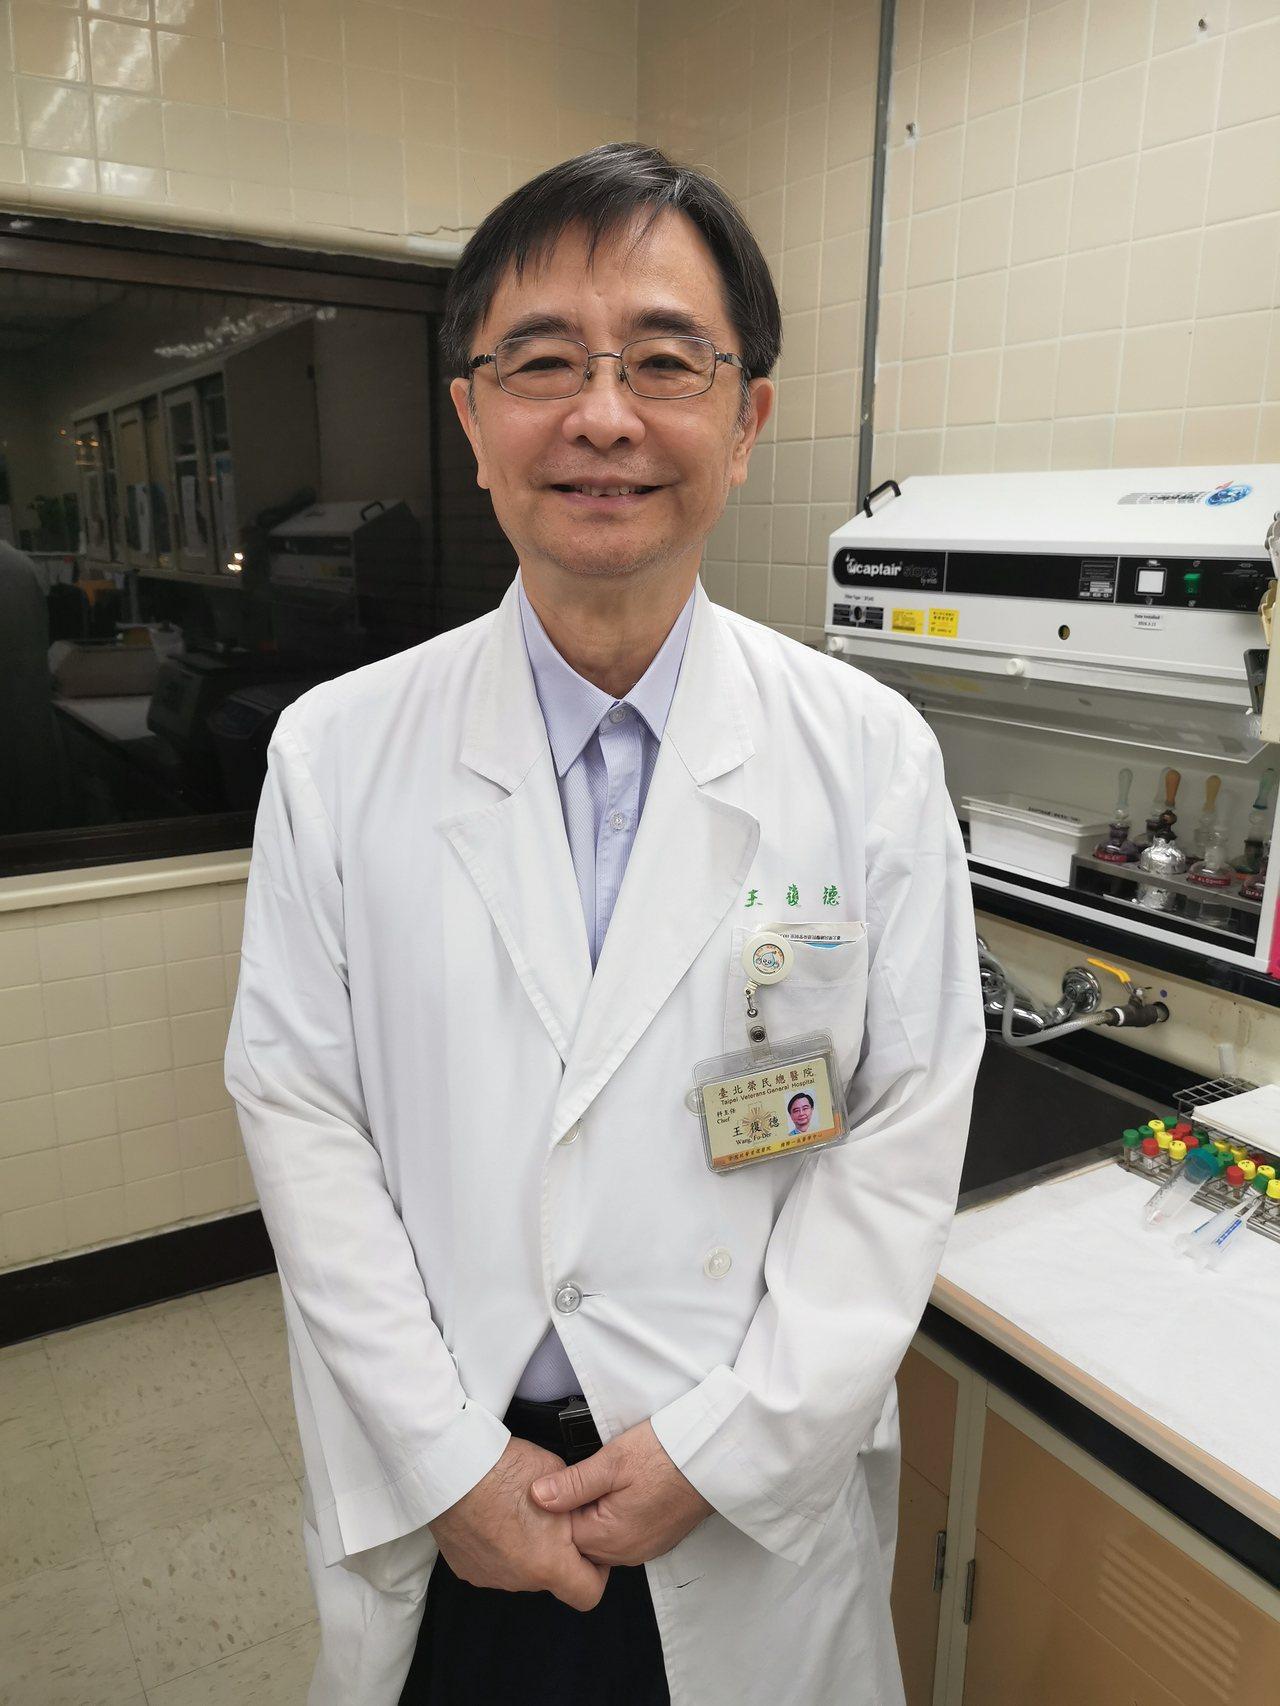 台北榮總感染科主任王復德指出,臨床上已經出現全抗細菌,日前他才治療一名全抗綠膿桿...